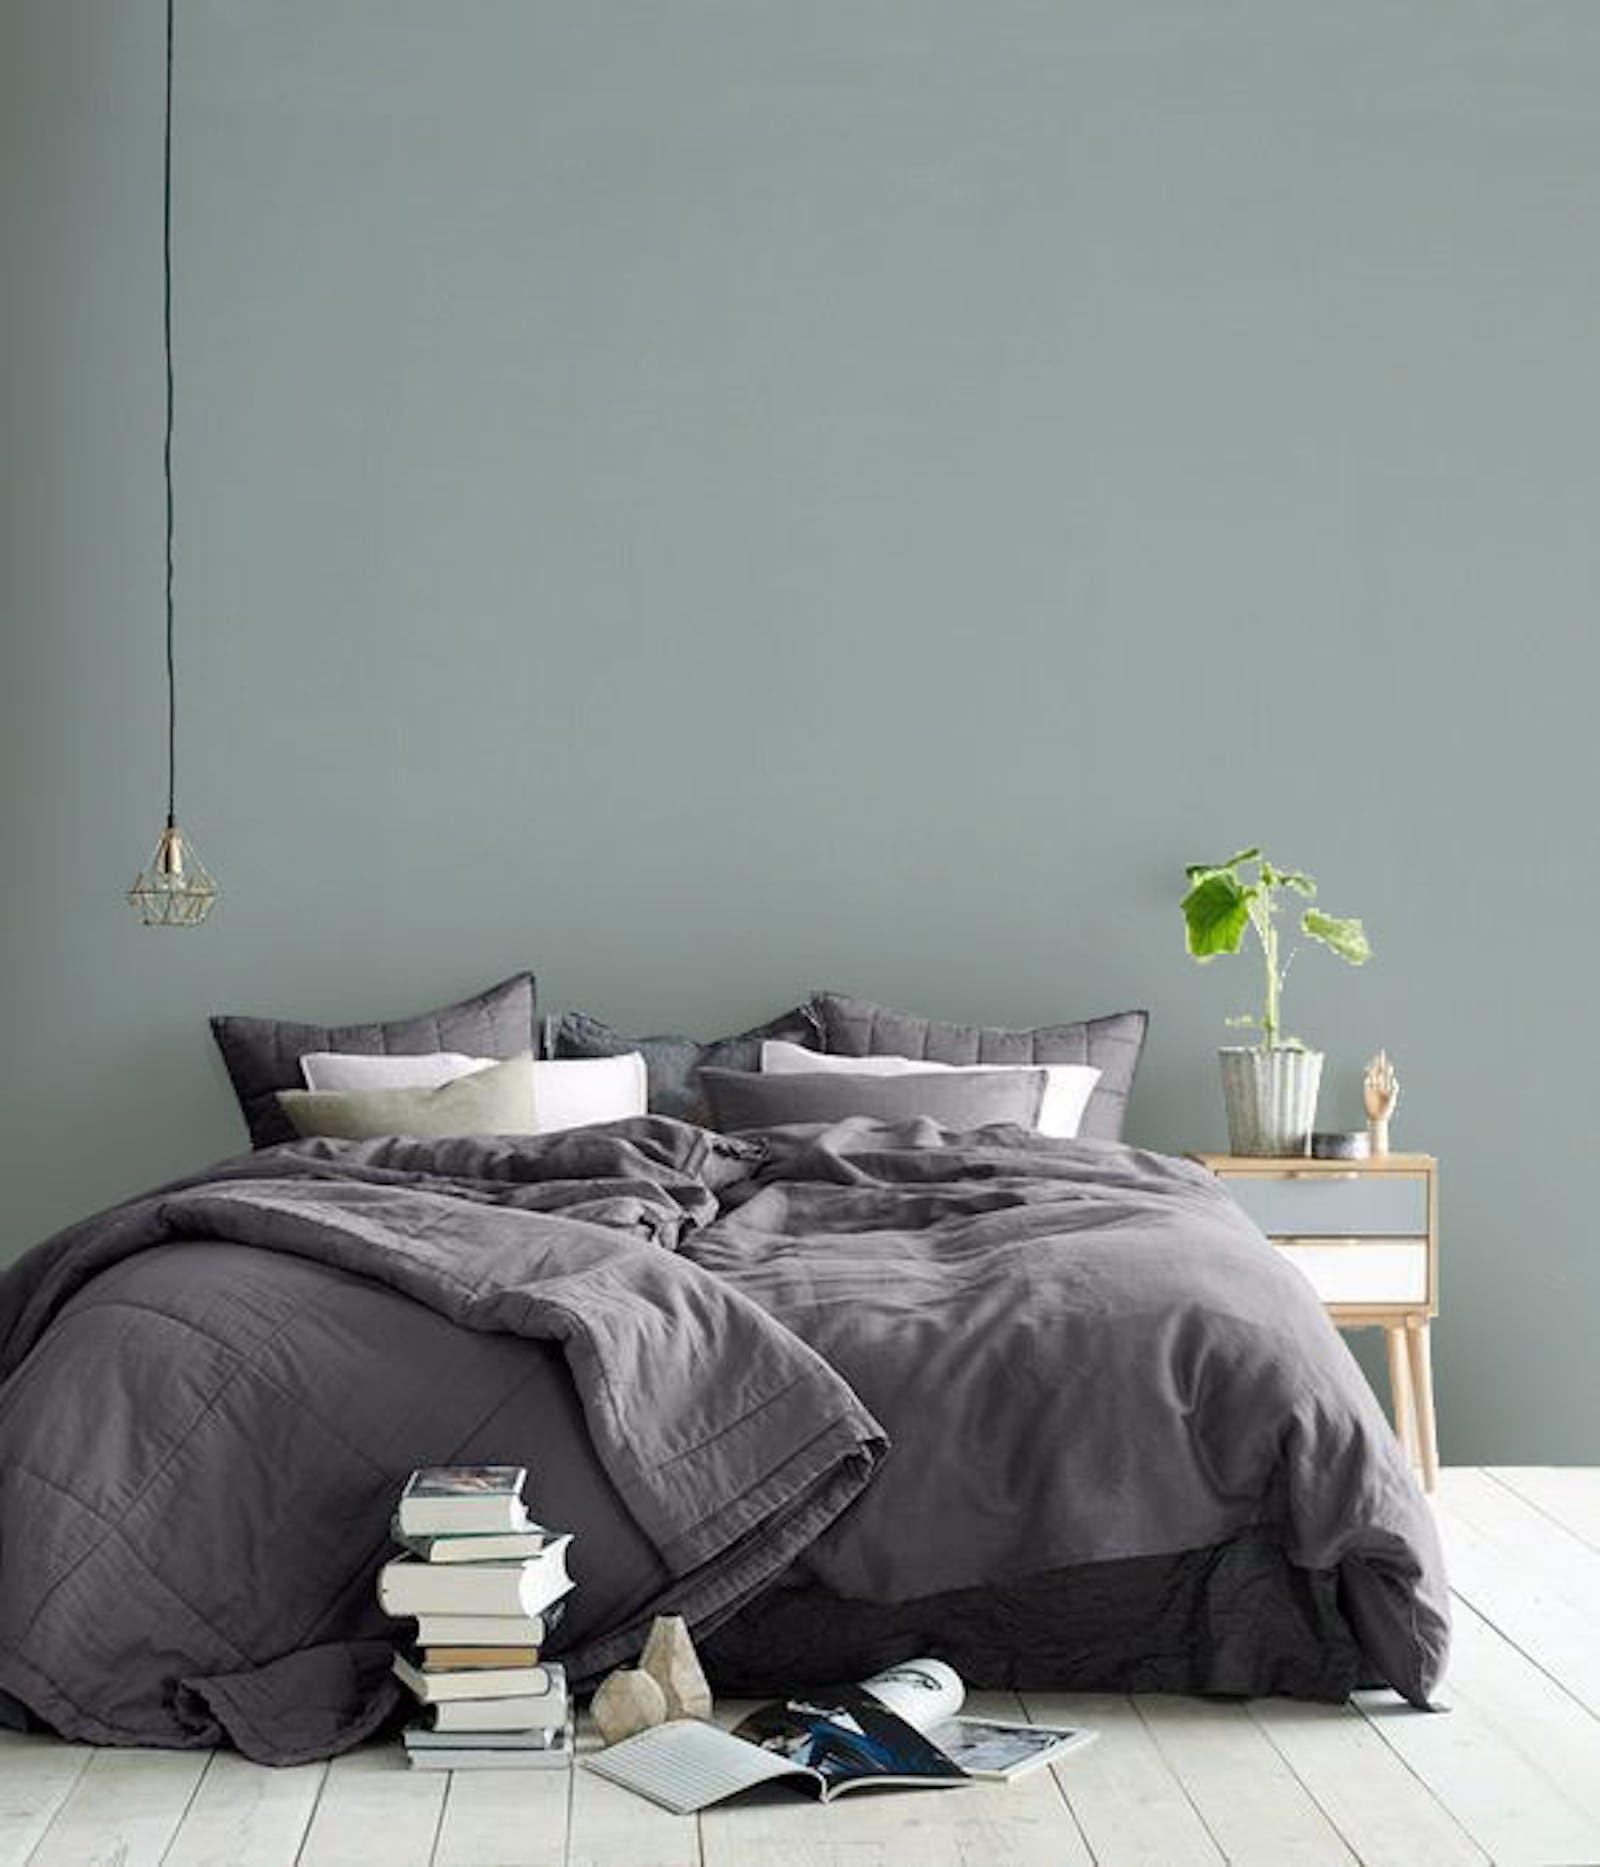 Bedroom painted in Teal 01